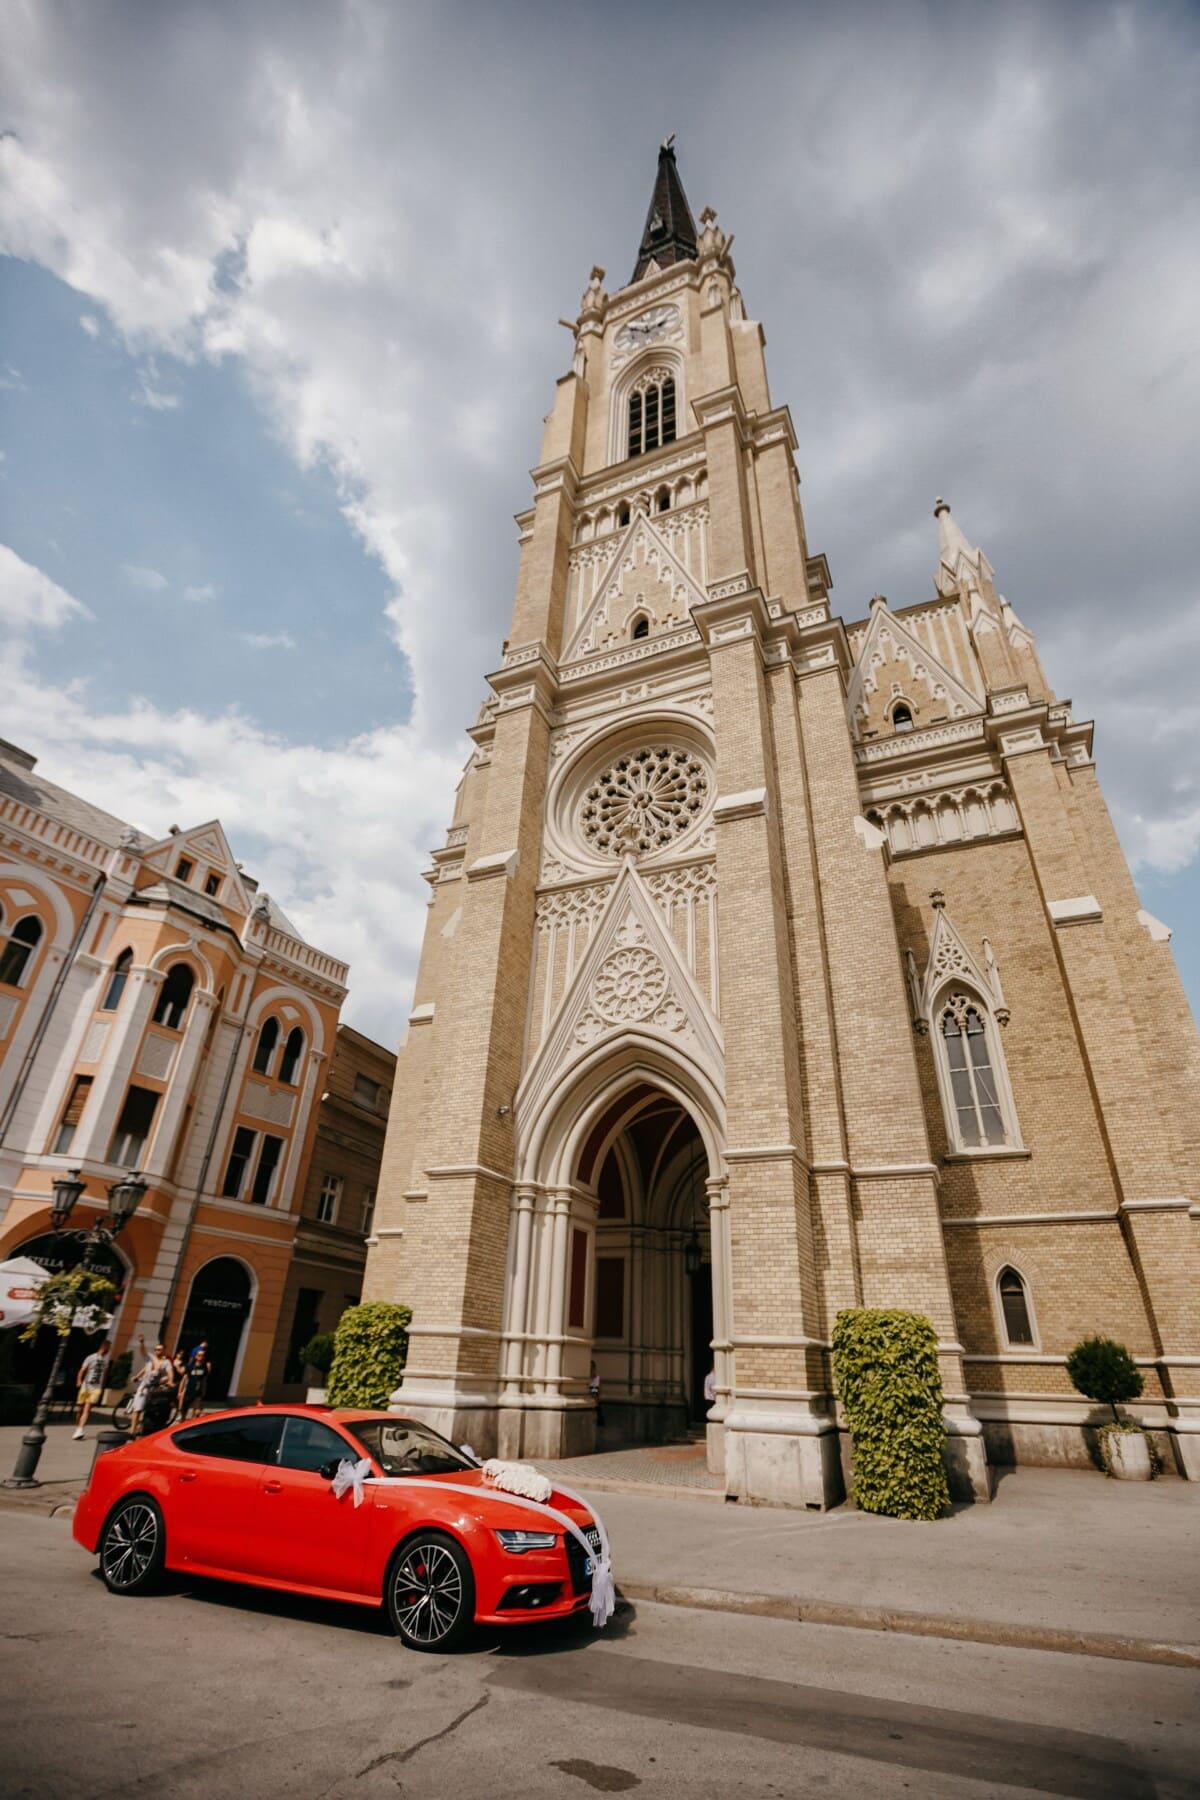 Audi, rojo, coche de los deportes, catedral, centro de la ciudad, paisaje urbano, ciudad, calle, fachada, torre